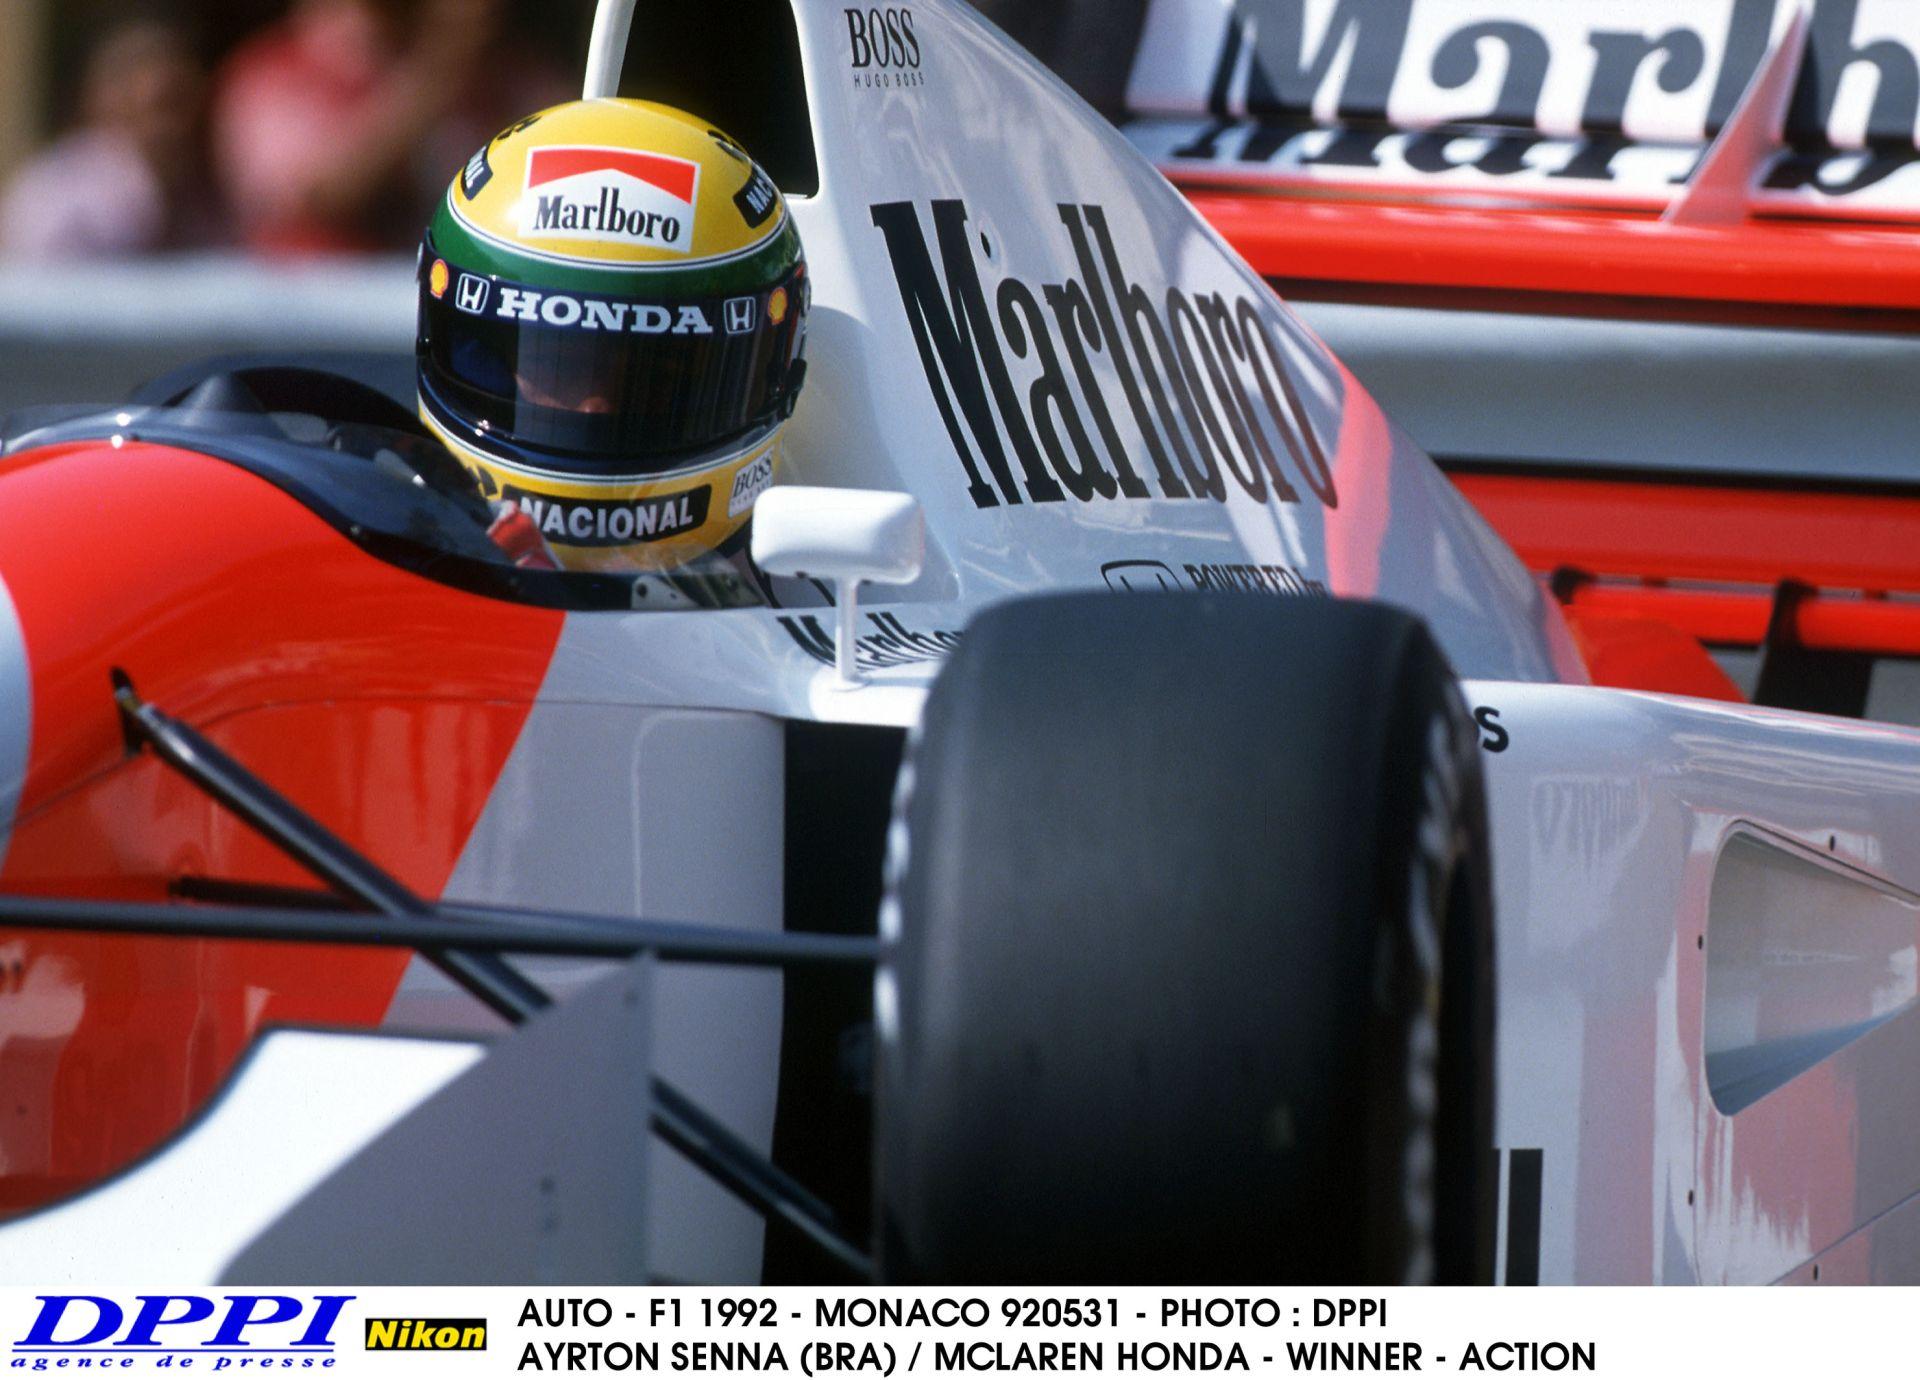 Ezzel a videóval hangolj a Brazil Nagydíjra: Senna S-kanyarkombináció 1990 és 2014 között